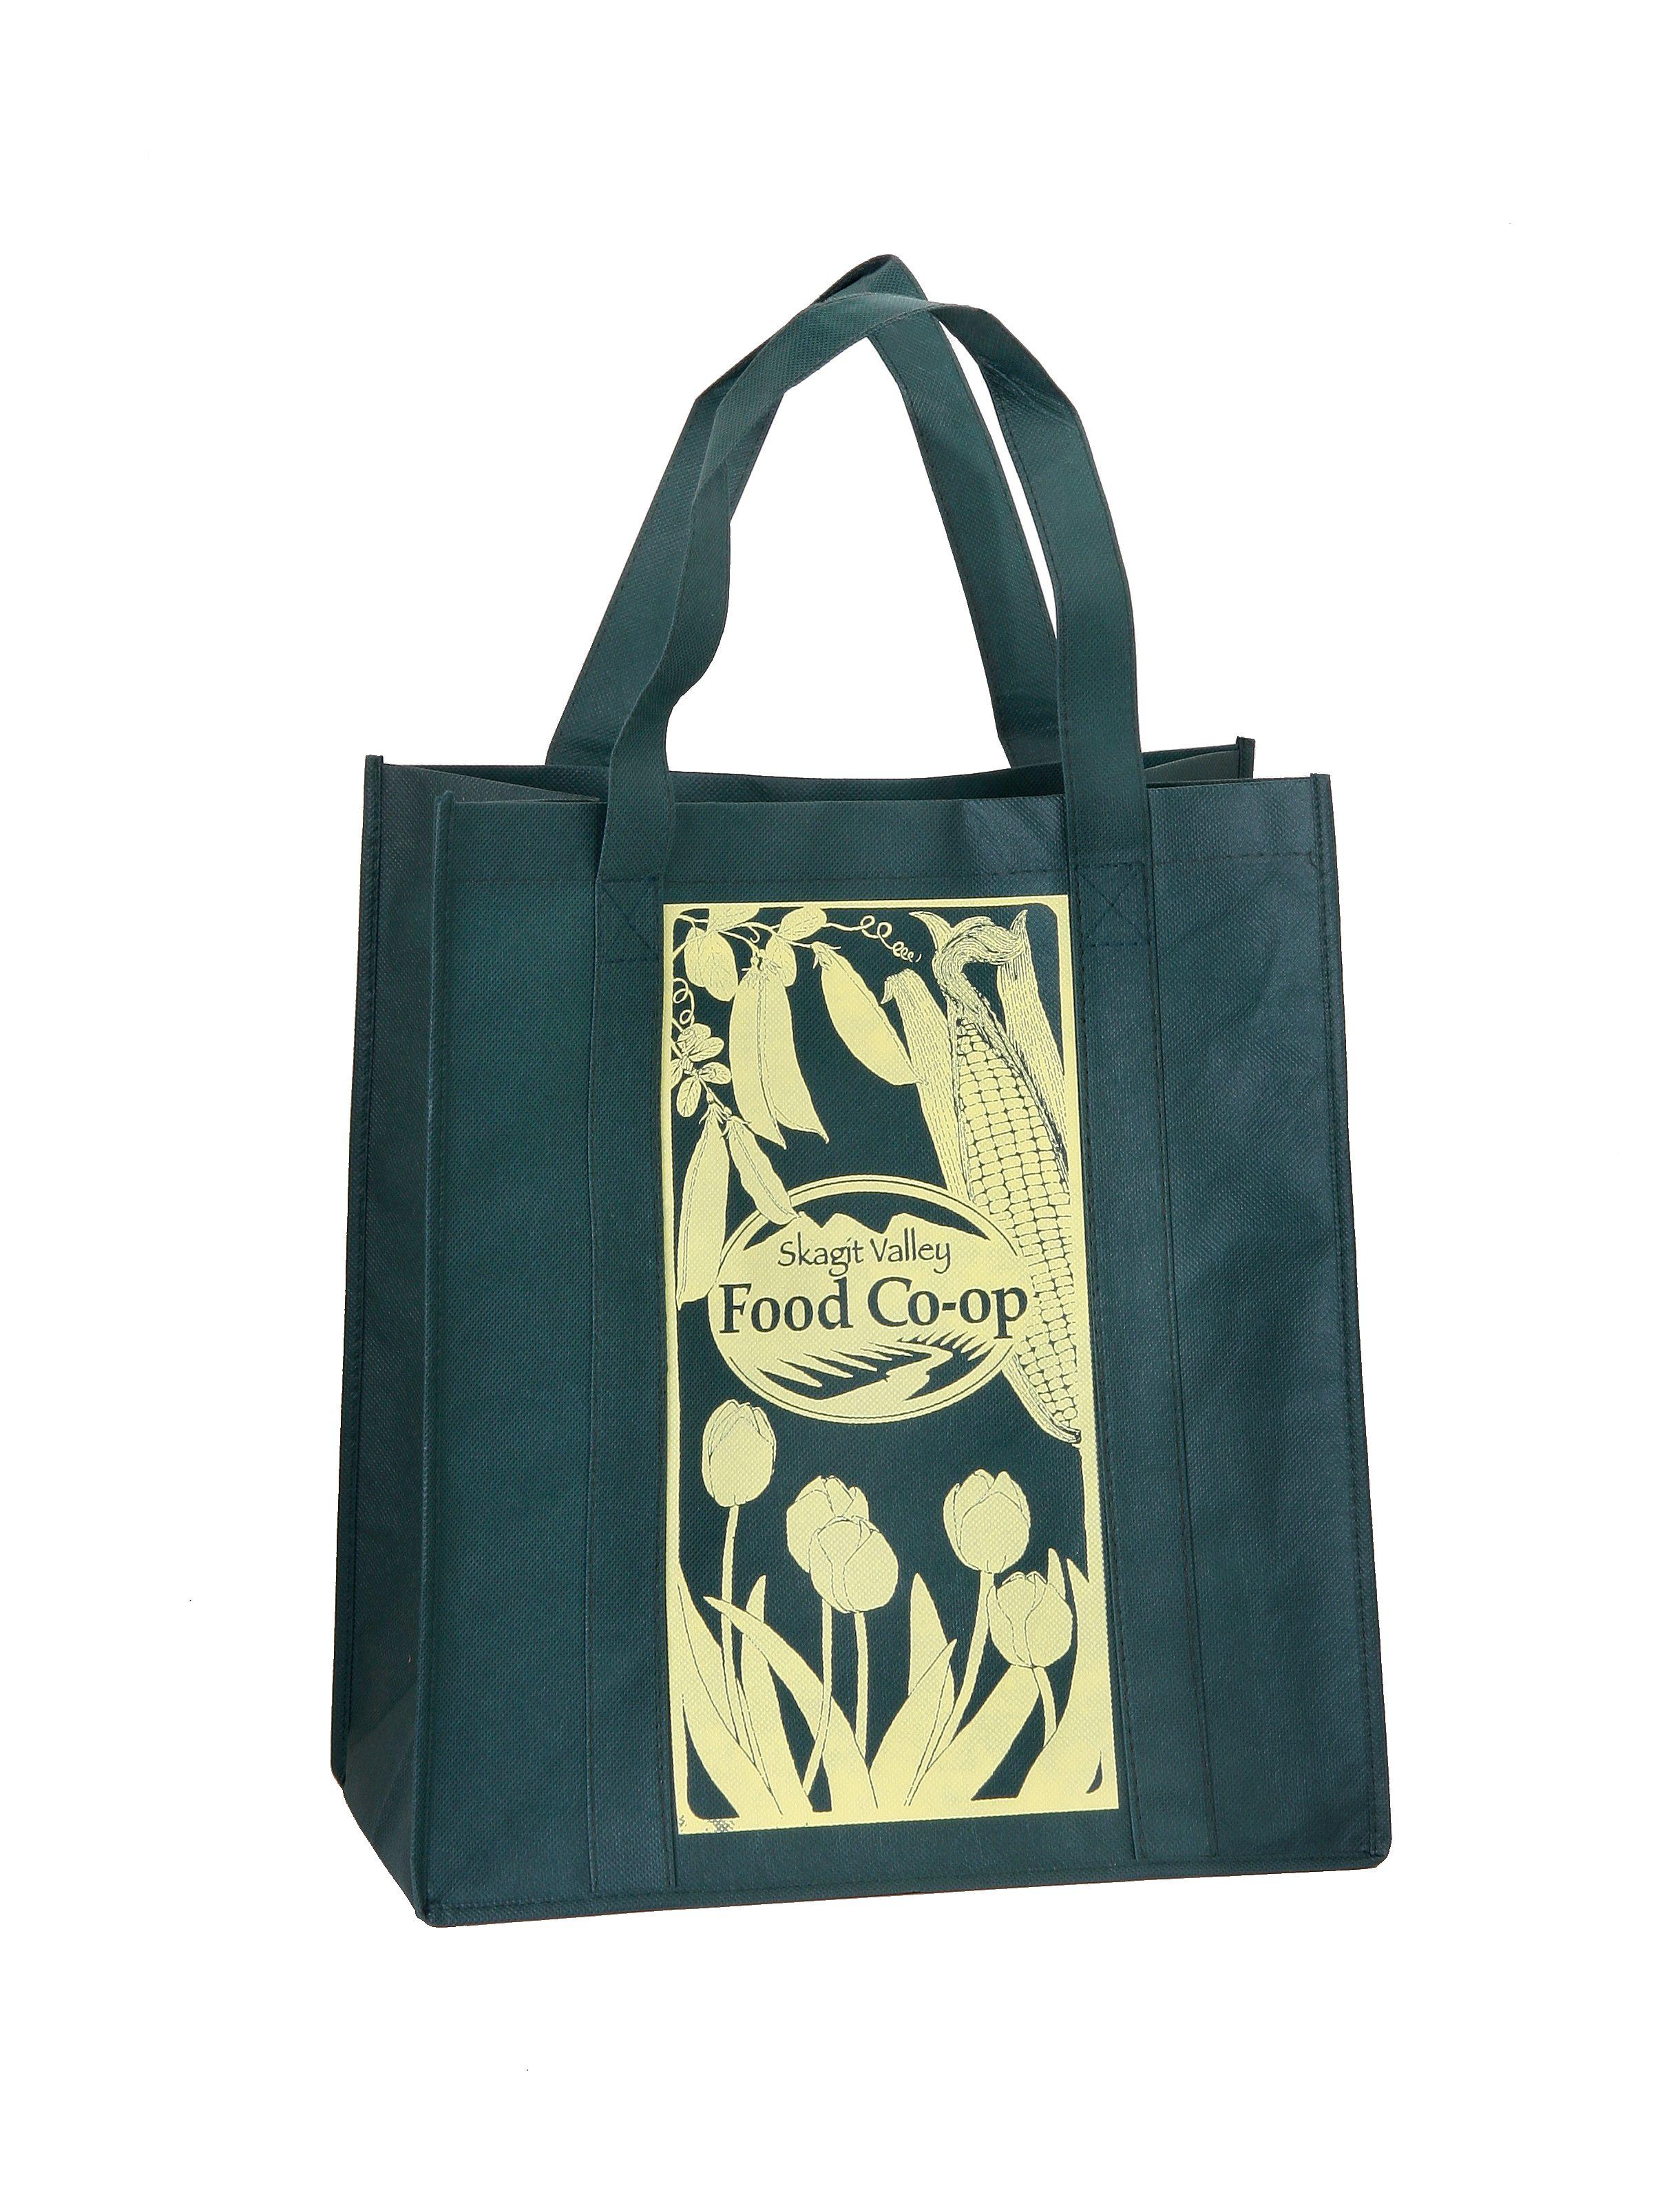 7728b22c9 WHOLESALER BAGS www.wholesalerbags.com | WHOLESALER BAGS | Bags ...